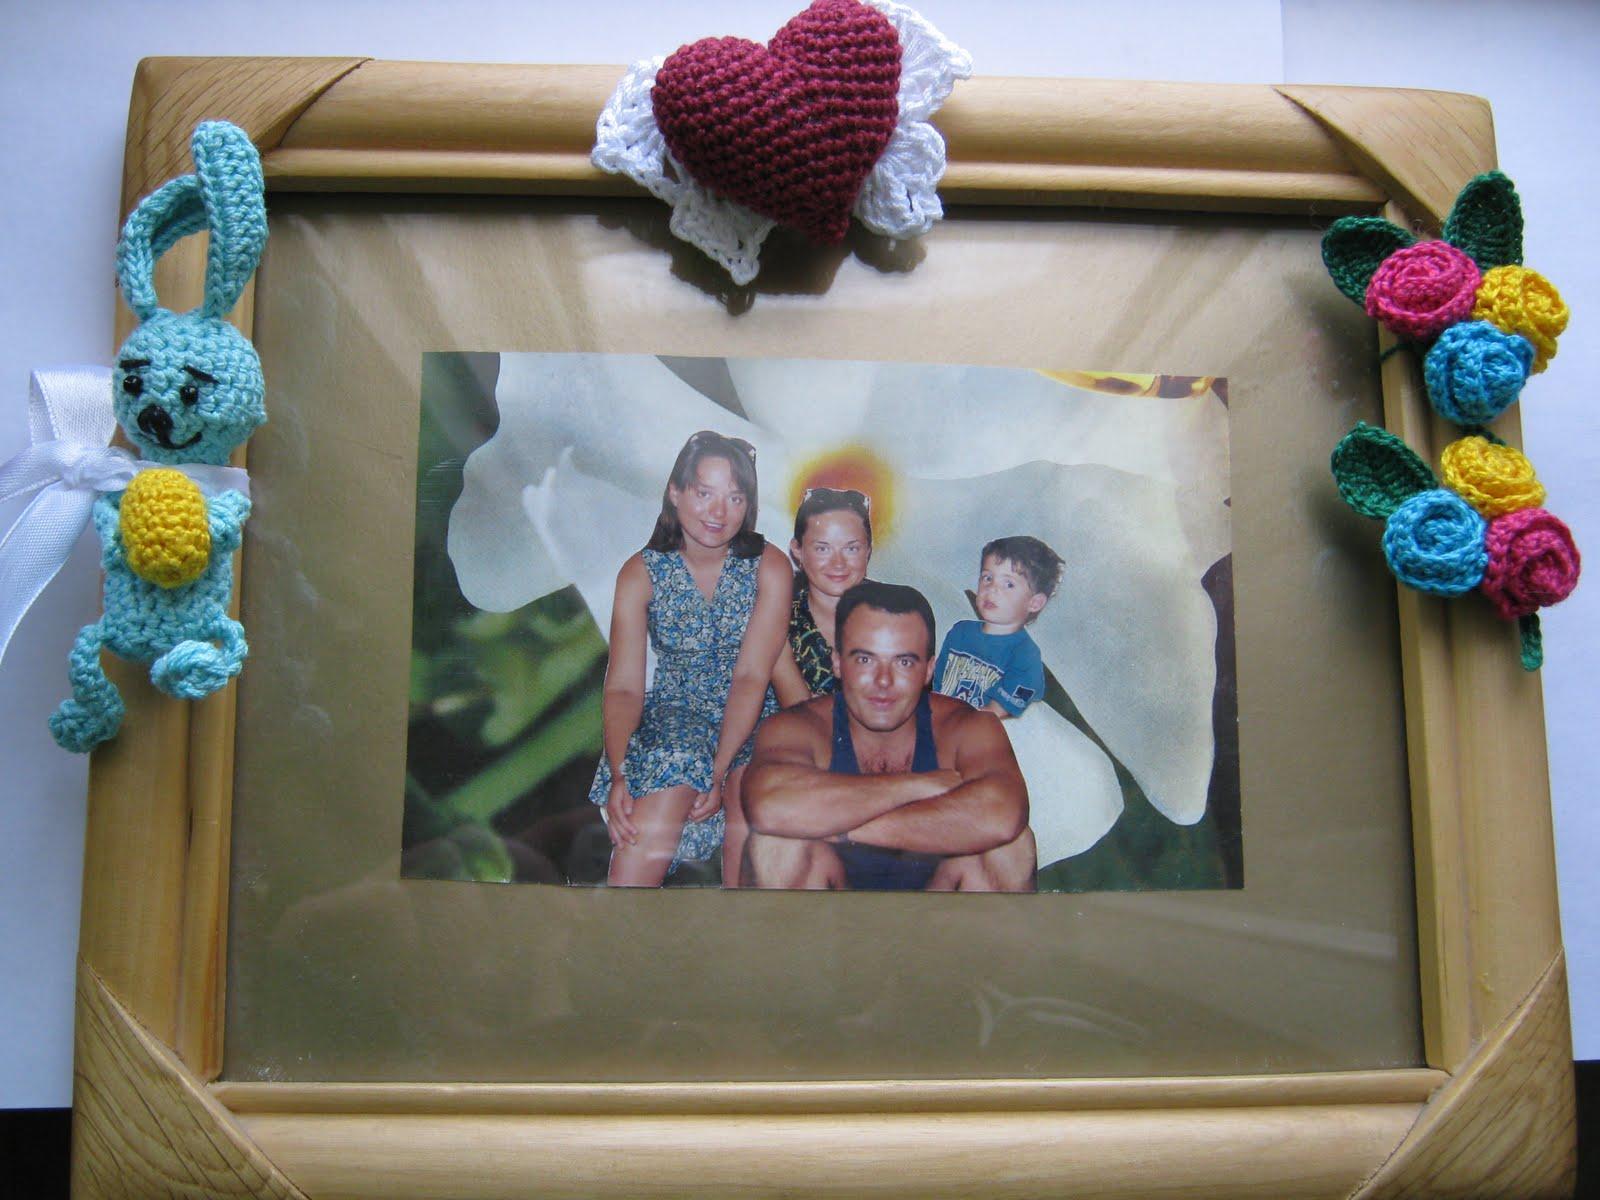 Kirche: Идеи подарков к Пасхе